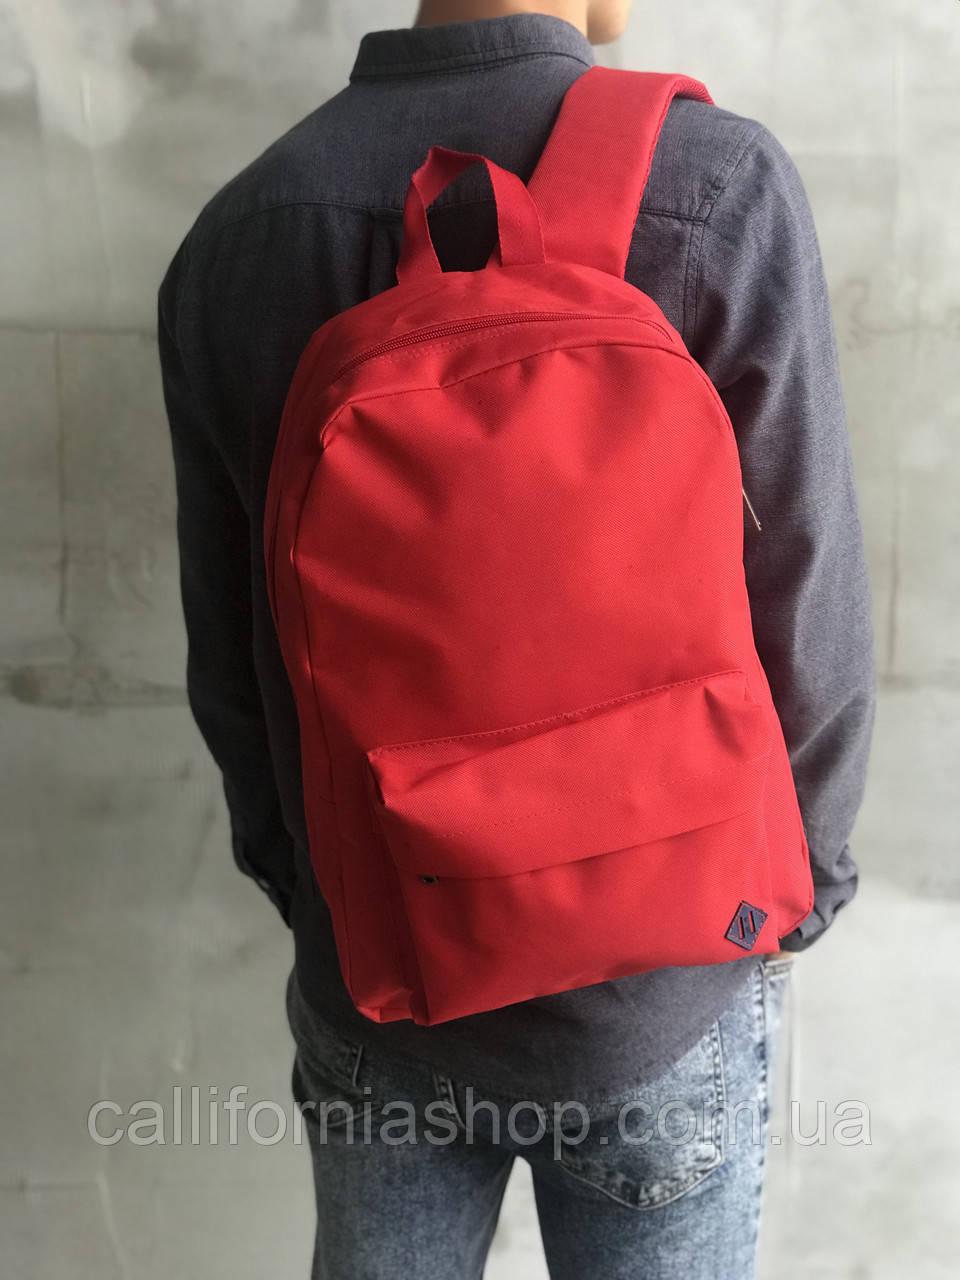 Рюкзак чоловічий червоний міський повсякденний на 15 літрів